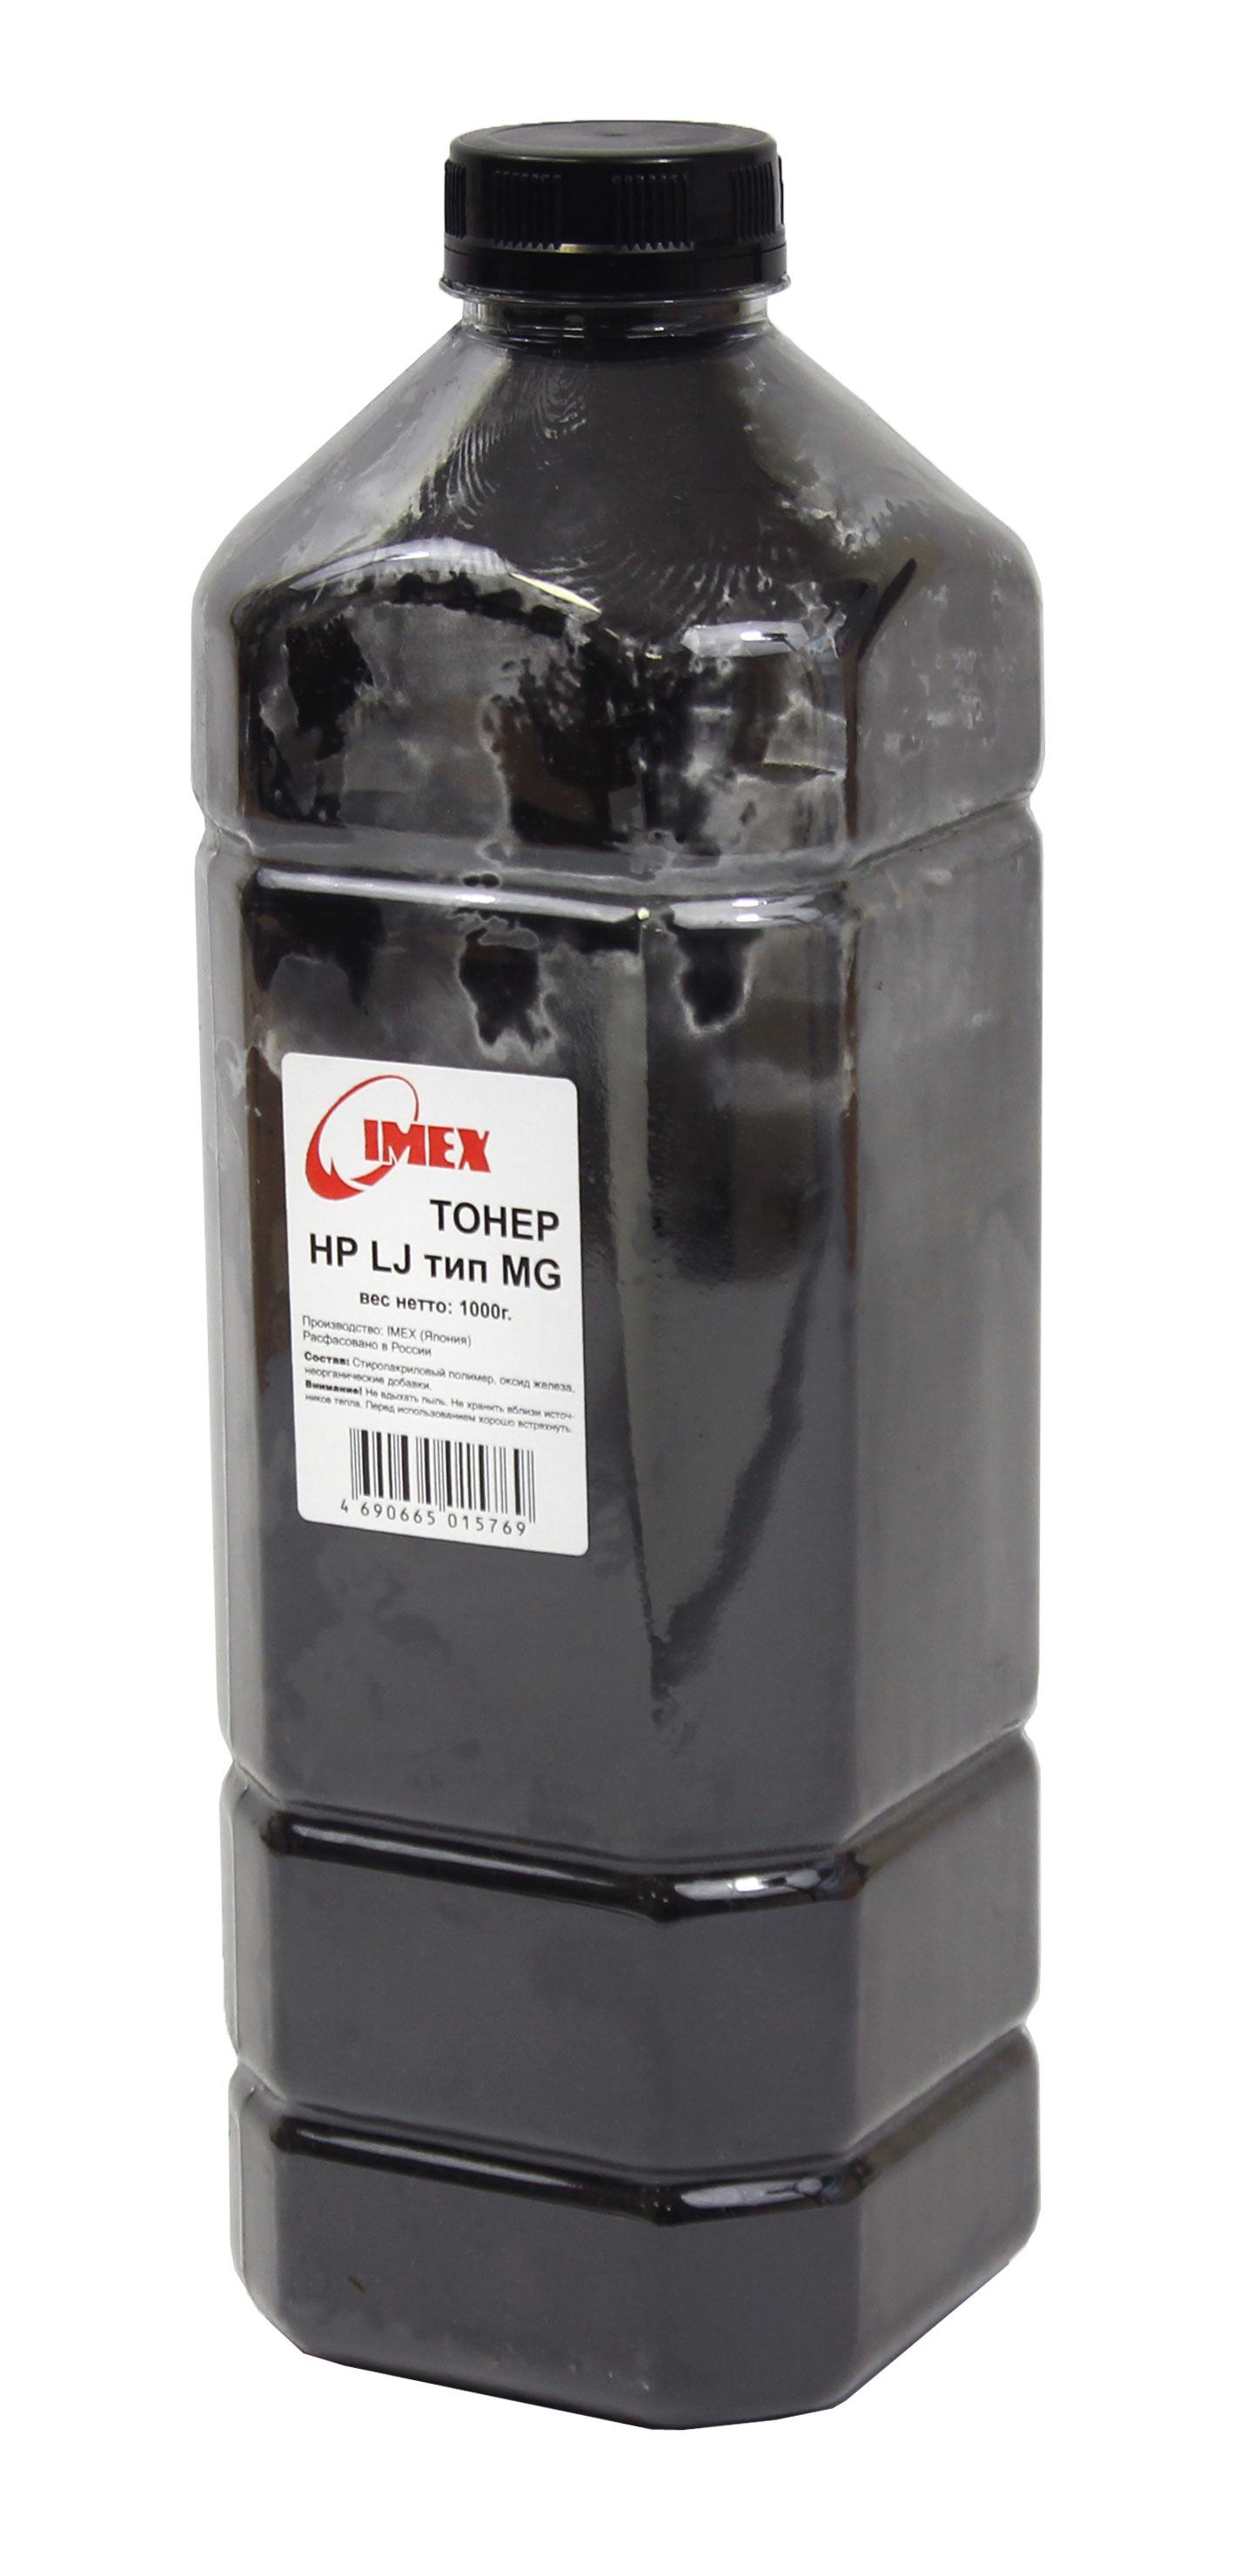 Тонер Imex для HP LJ, Тип MG (фасовка Россия) Bk, 1 кг, канистра